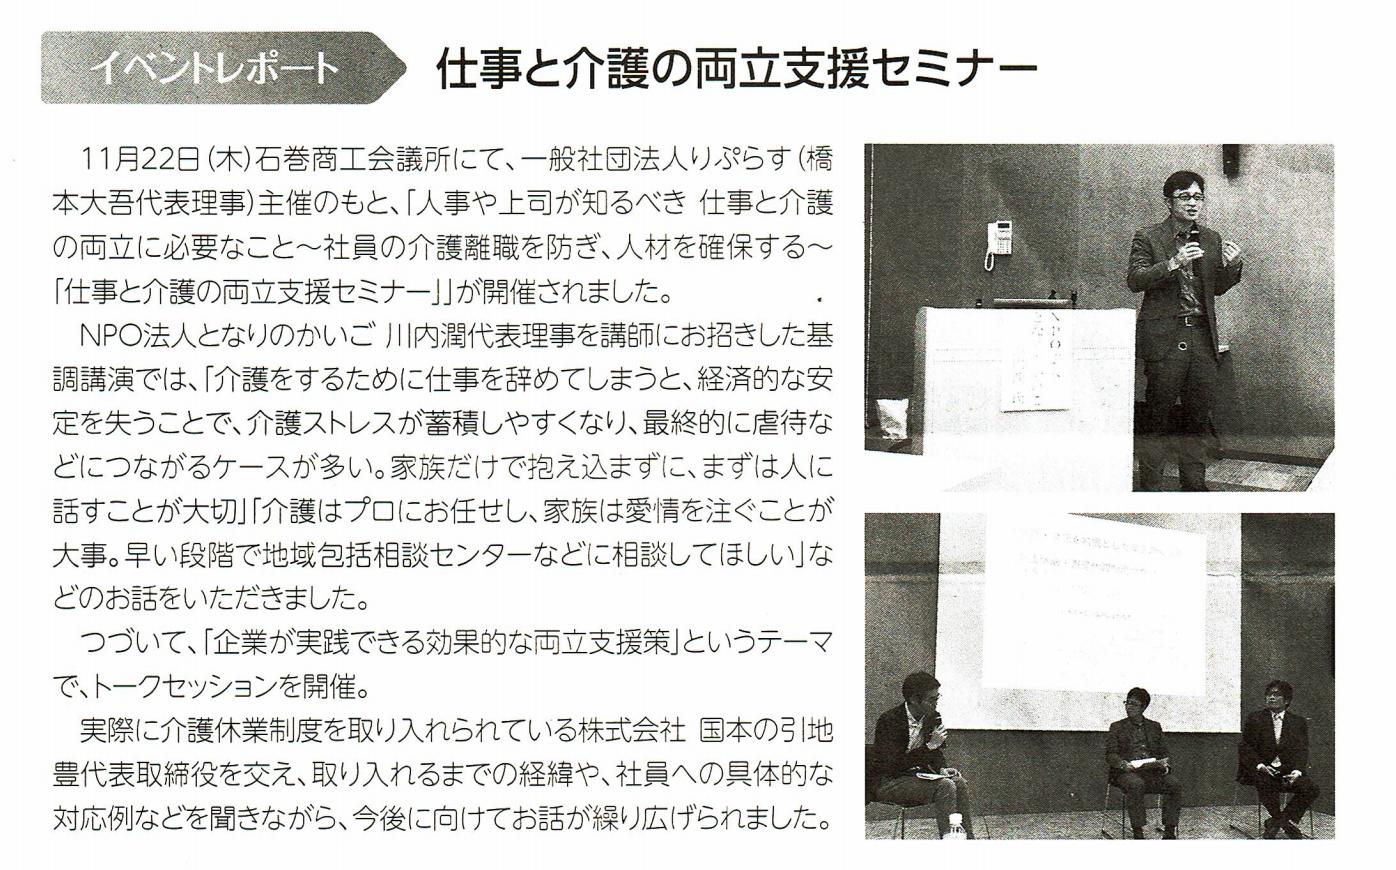 石巻日日新聞『セミナーレポート・仕事と介護の両立支援セミナー』